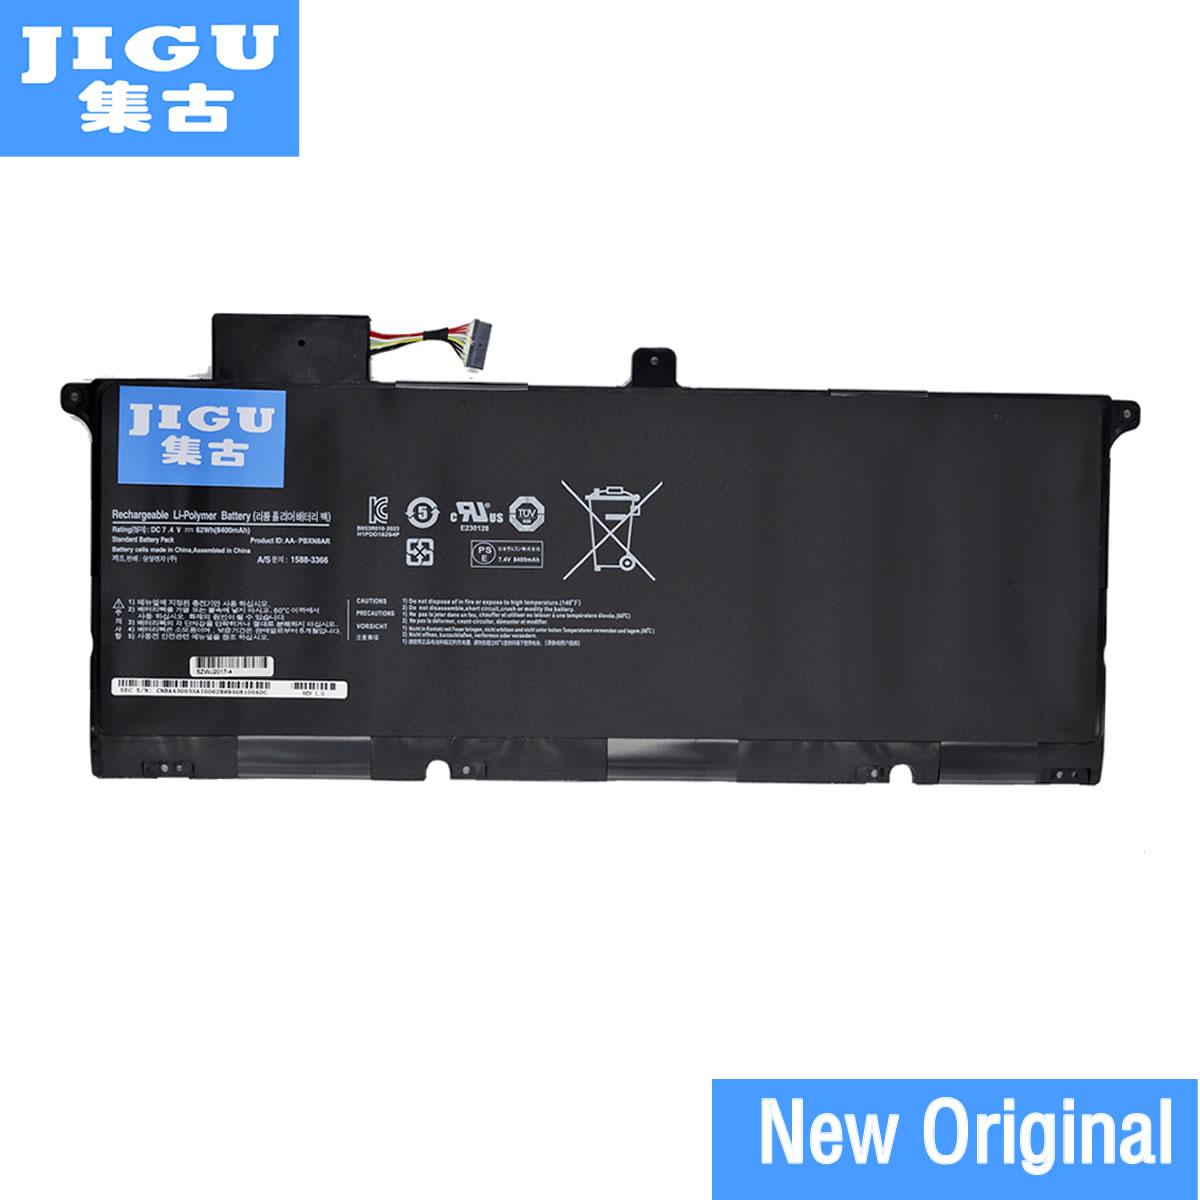 JIGU AA-PBXN8AR Ersatz Laptop Batterie Für Samsung 900X4 900X46 900X4B-A01DE 900X4B-A01FR 900X4B-A03 900X4C-A01 NP900X4